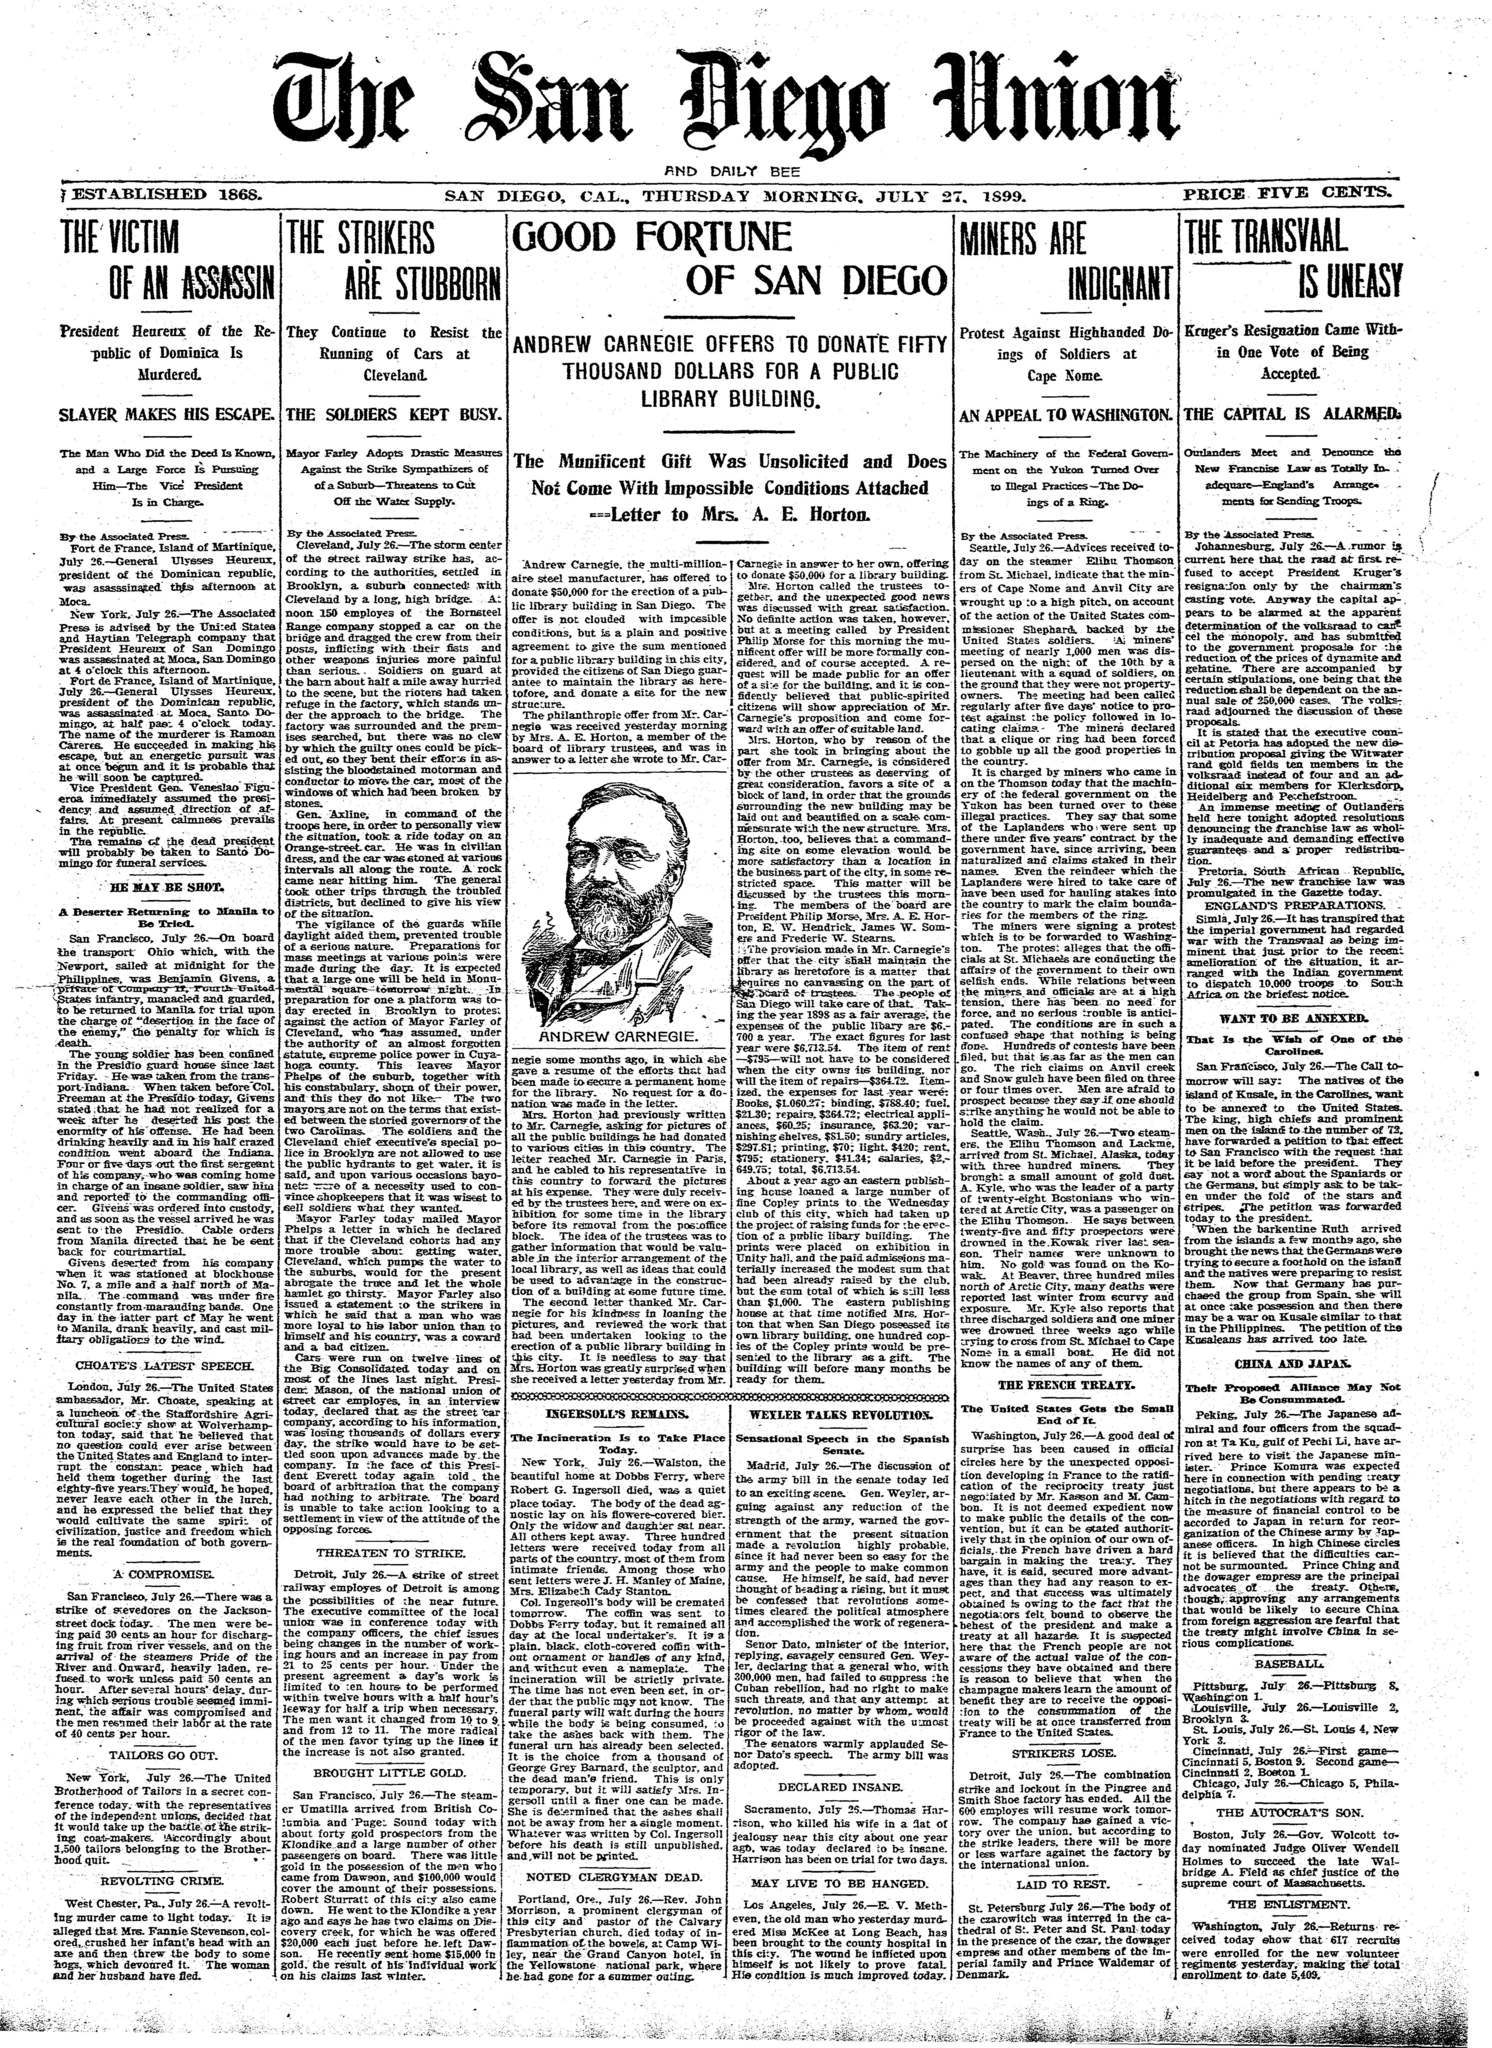 July 27, 1899